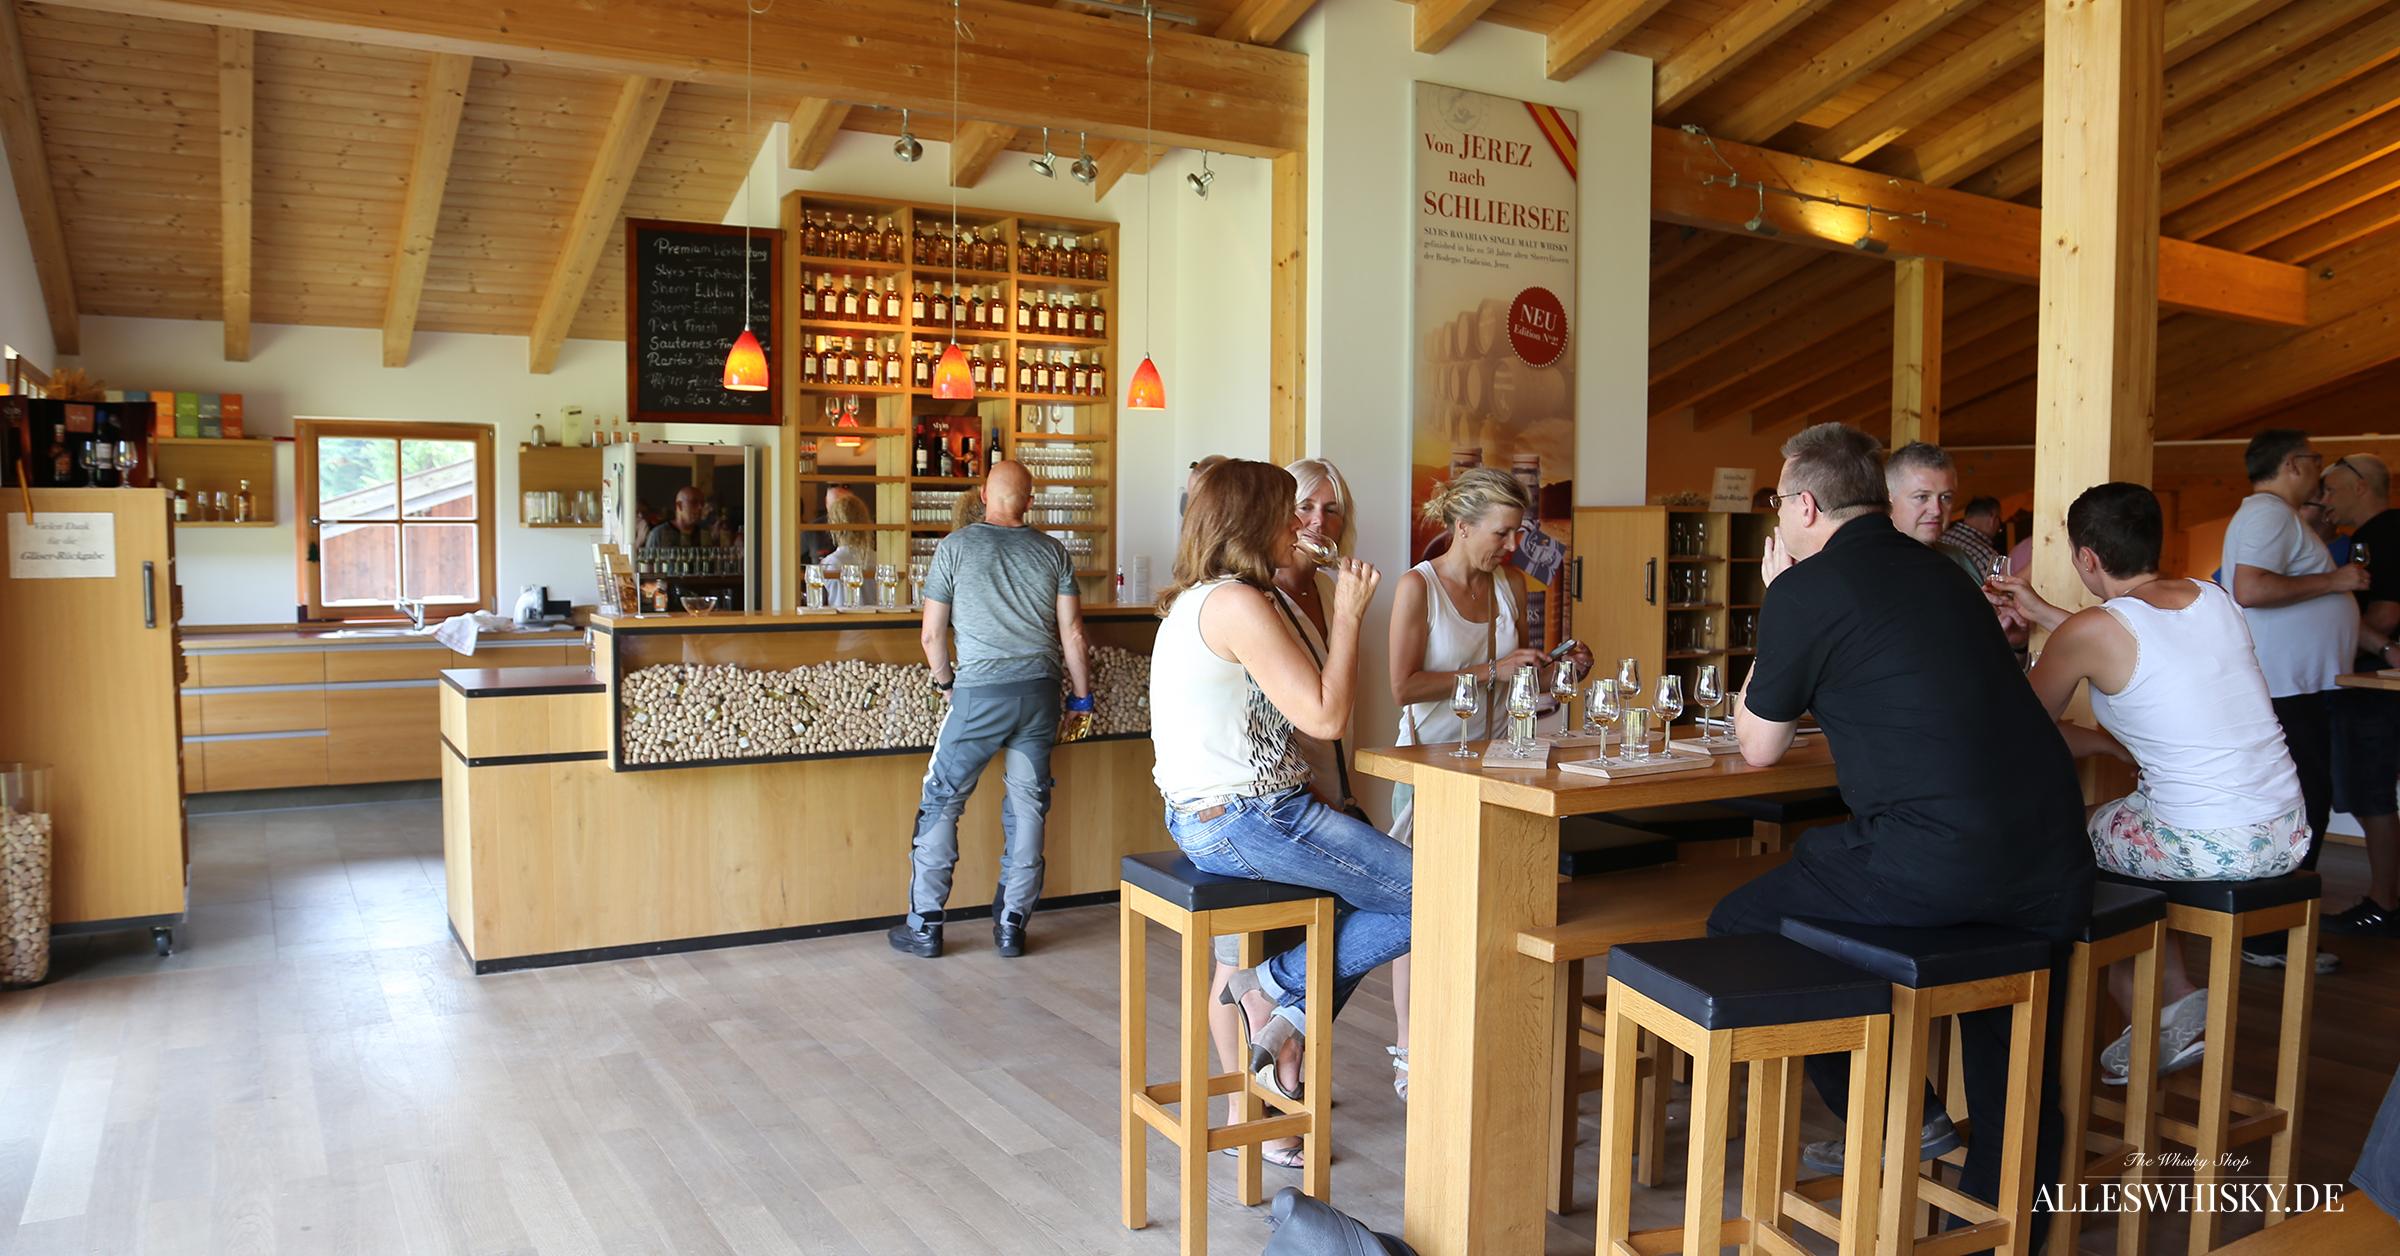 Slyrs Tasting der alleswhisky.de Reisegruppe mit verschiedenen Whiskyvarianten